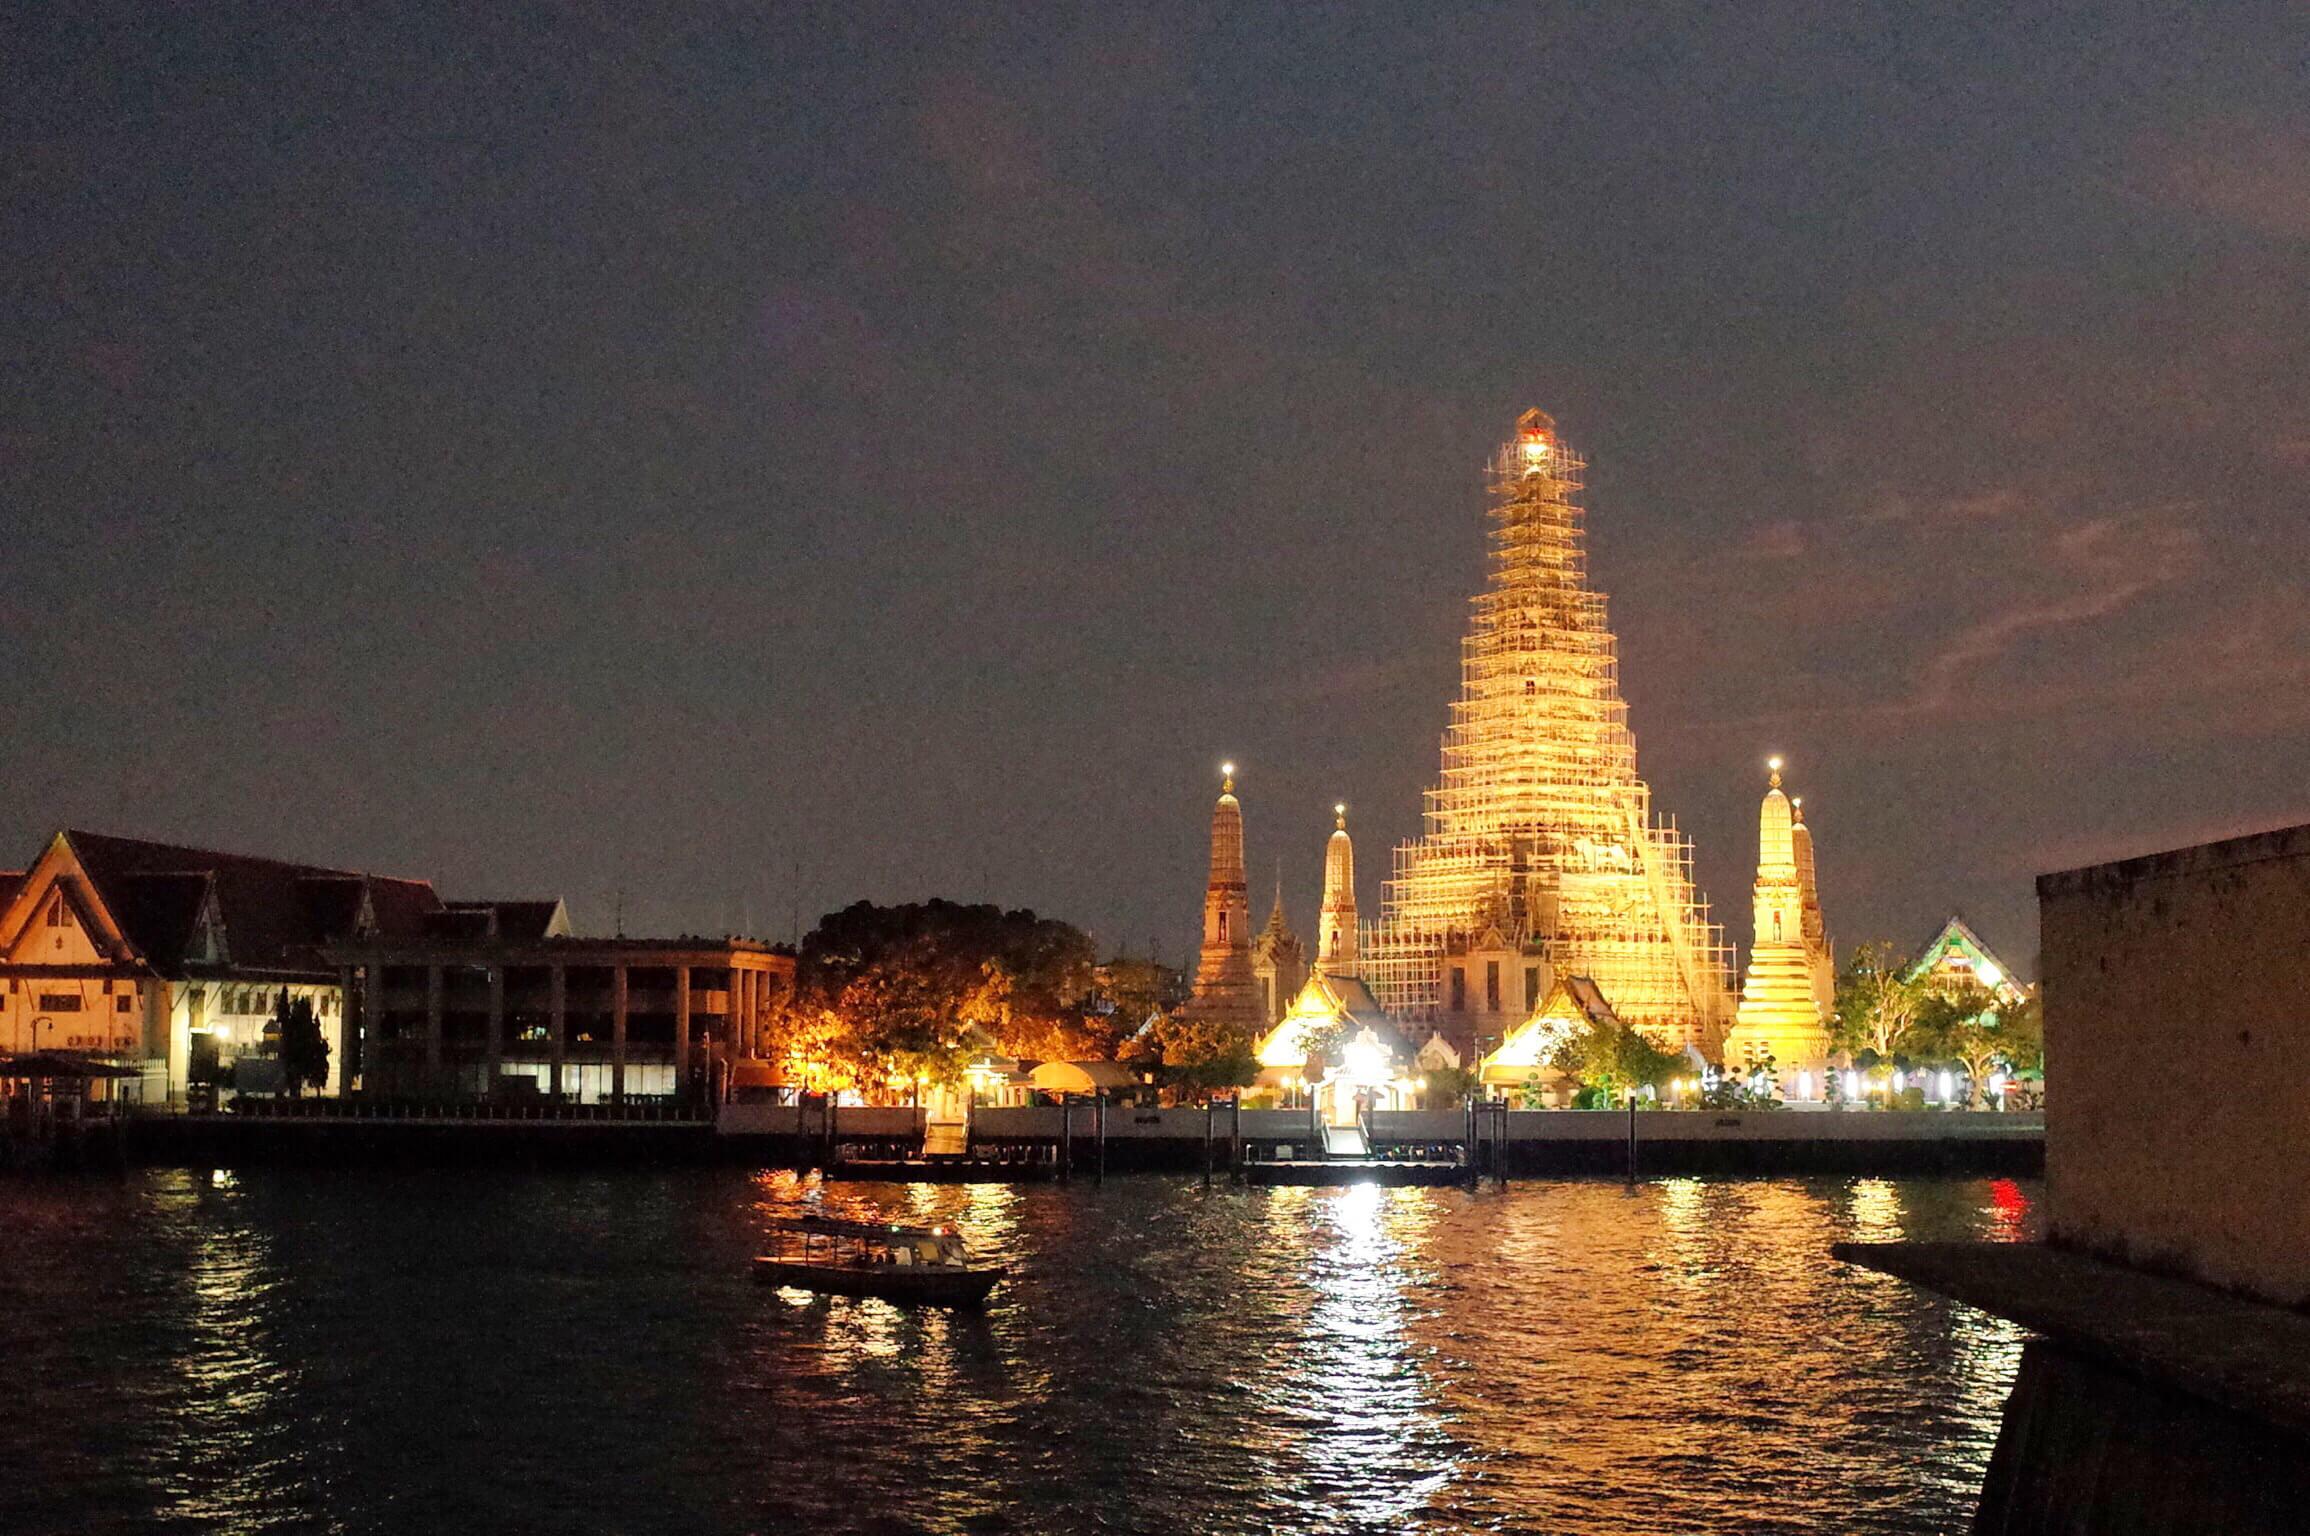 バンコク旅行まとめ 2016年5月版 GWのバンコクを堪能!海外のホテルは豪華だし、グルメ・ショッピングも楽しい!